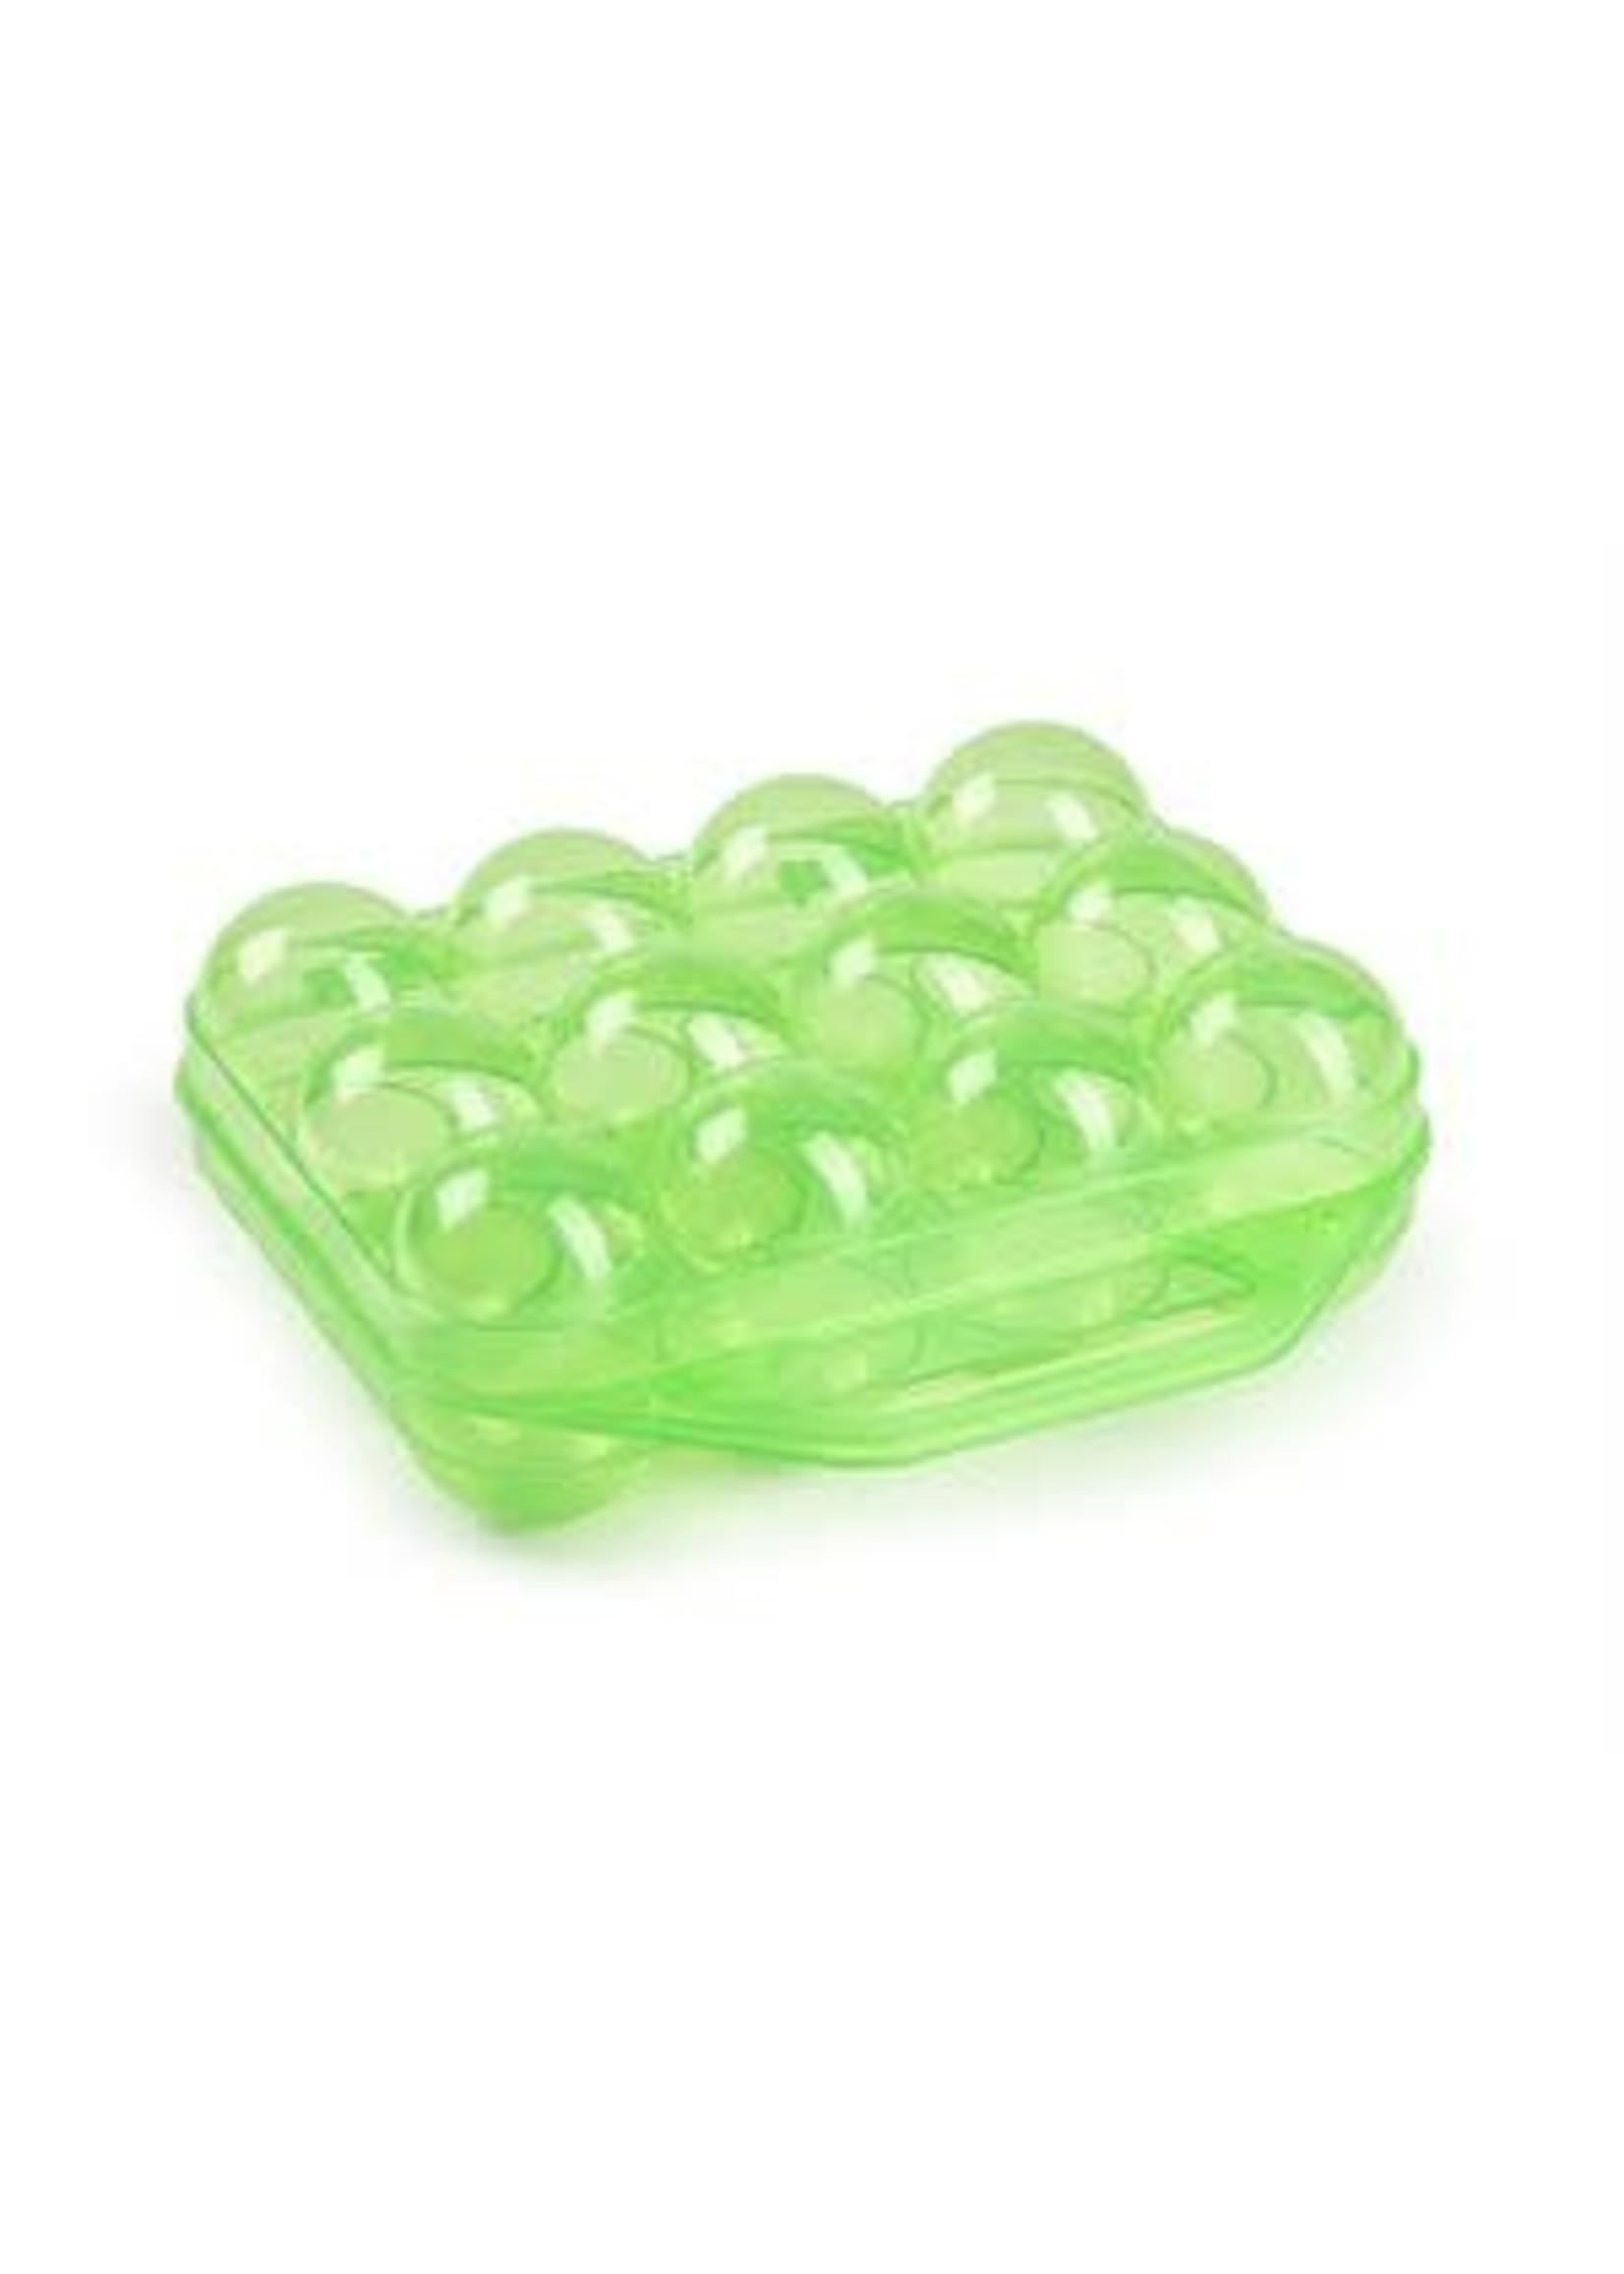 Gaun Contenant pour 12 Oeufs en plastique vert